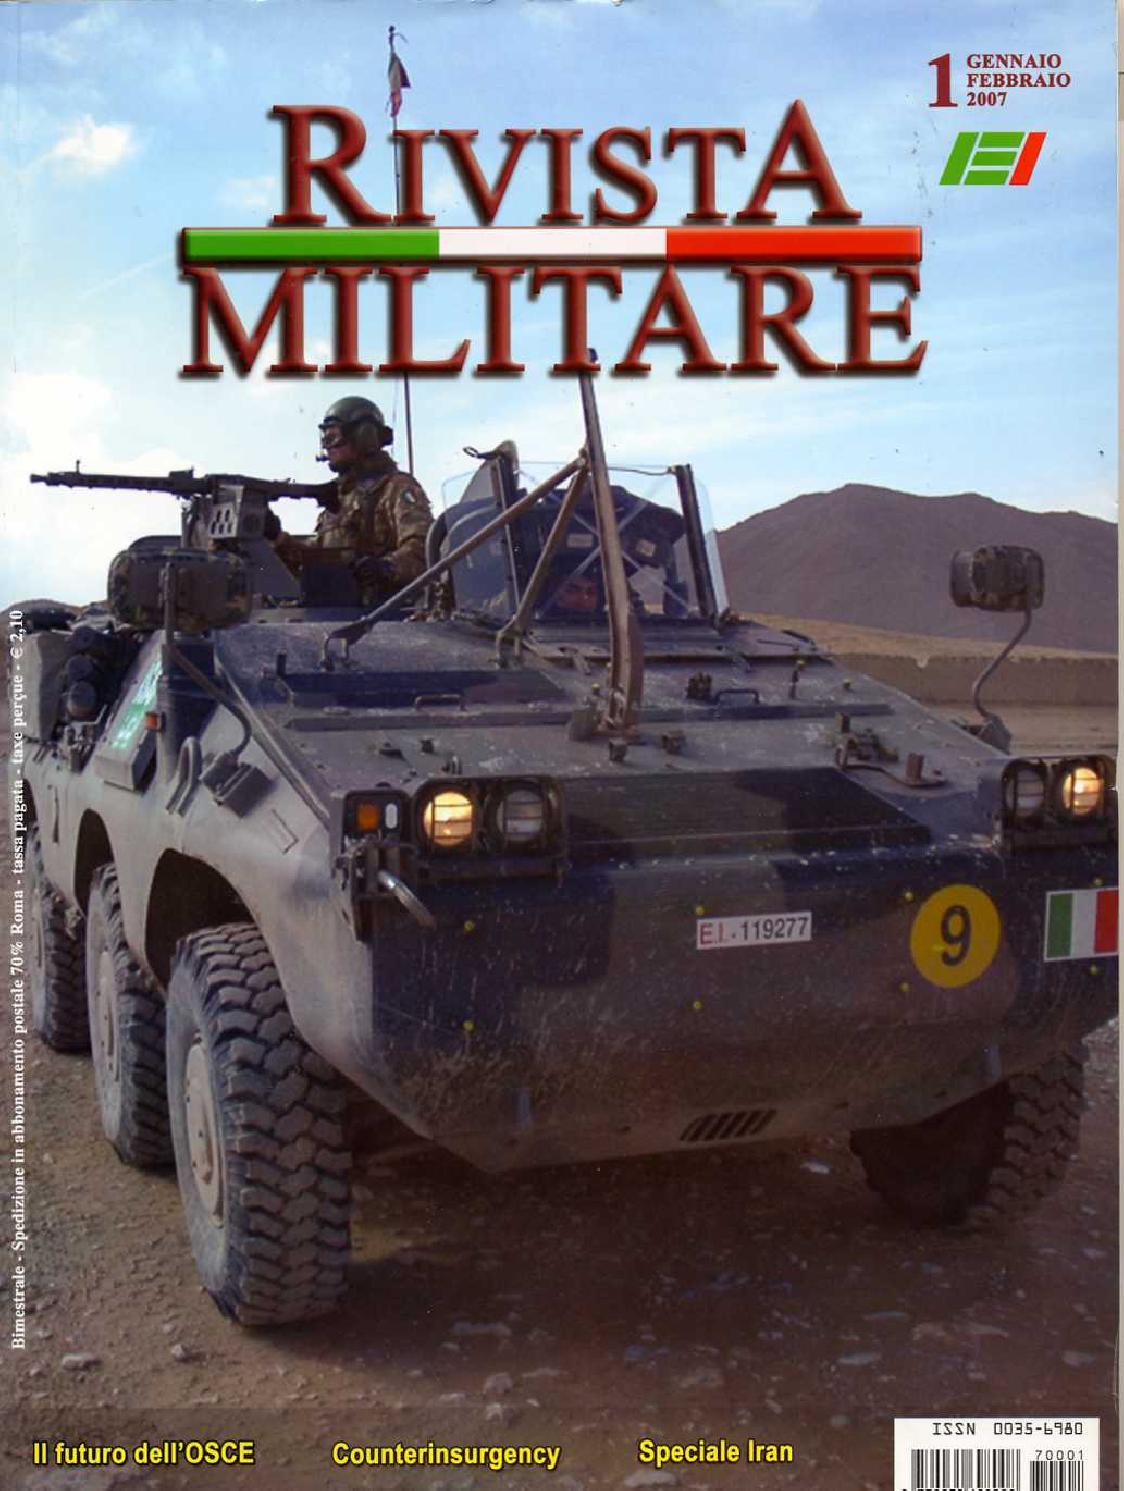 RIVISTA MILITARE 2007 N.1 by Biblioteca Militare - issuu 8d326142c0c9